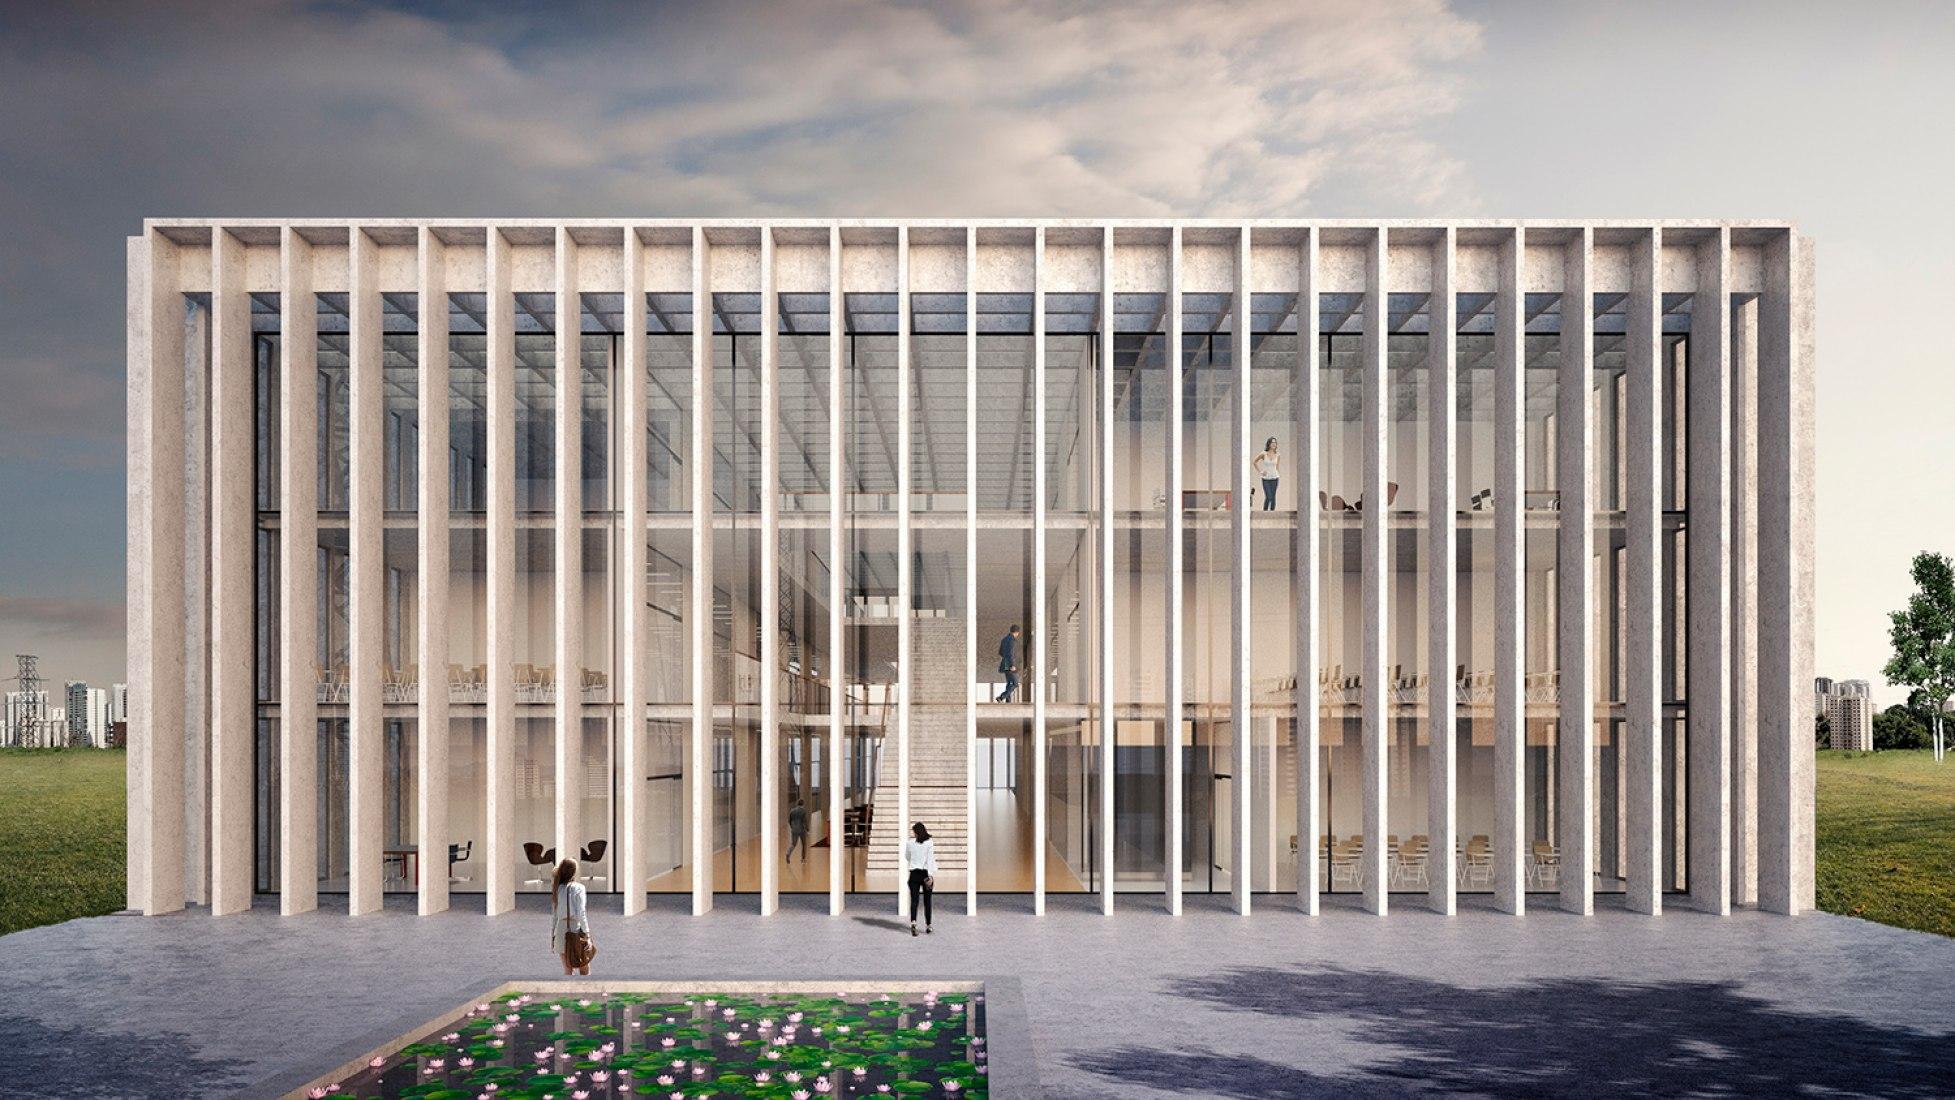 Facultad de Medicina São José dos Campos por KAAN Architecten.